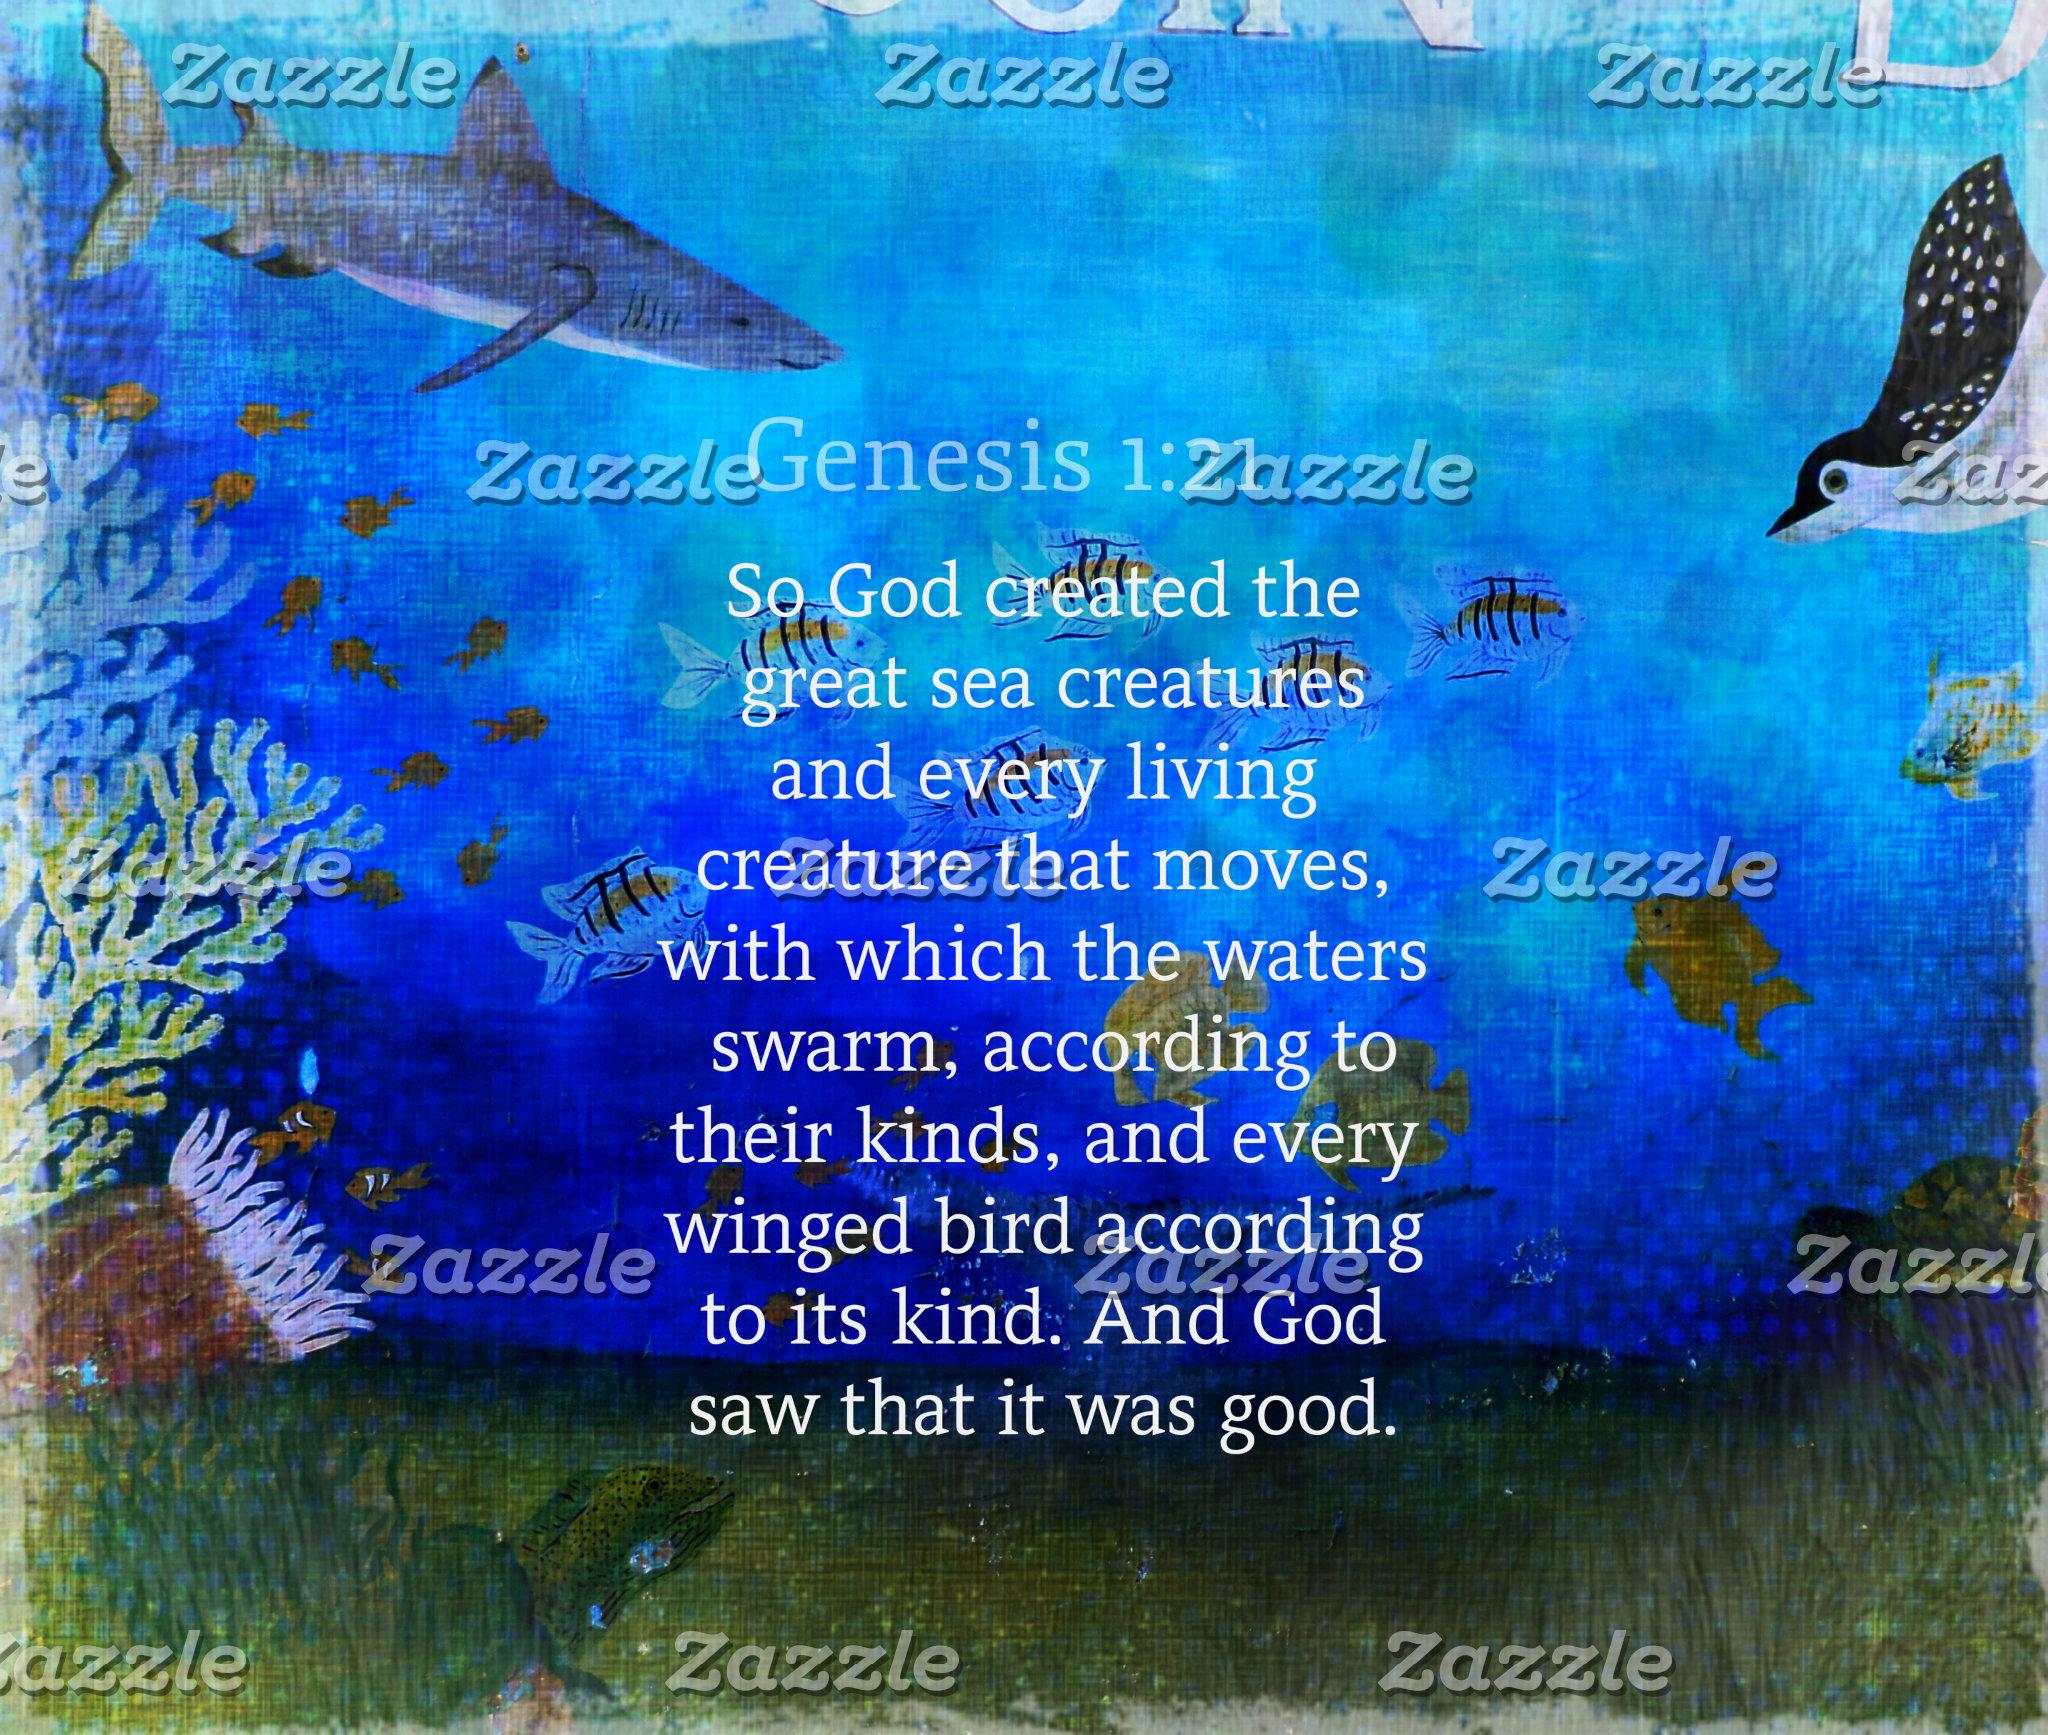 Genesis 1:21